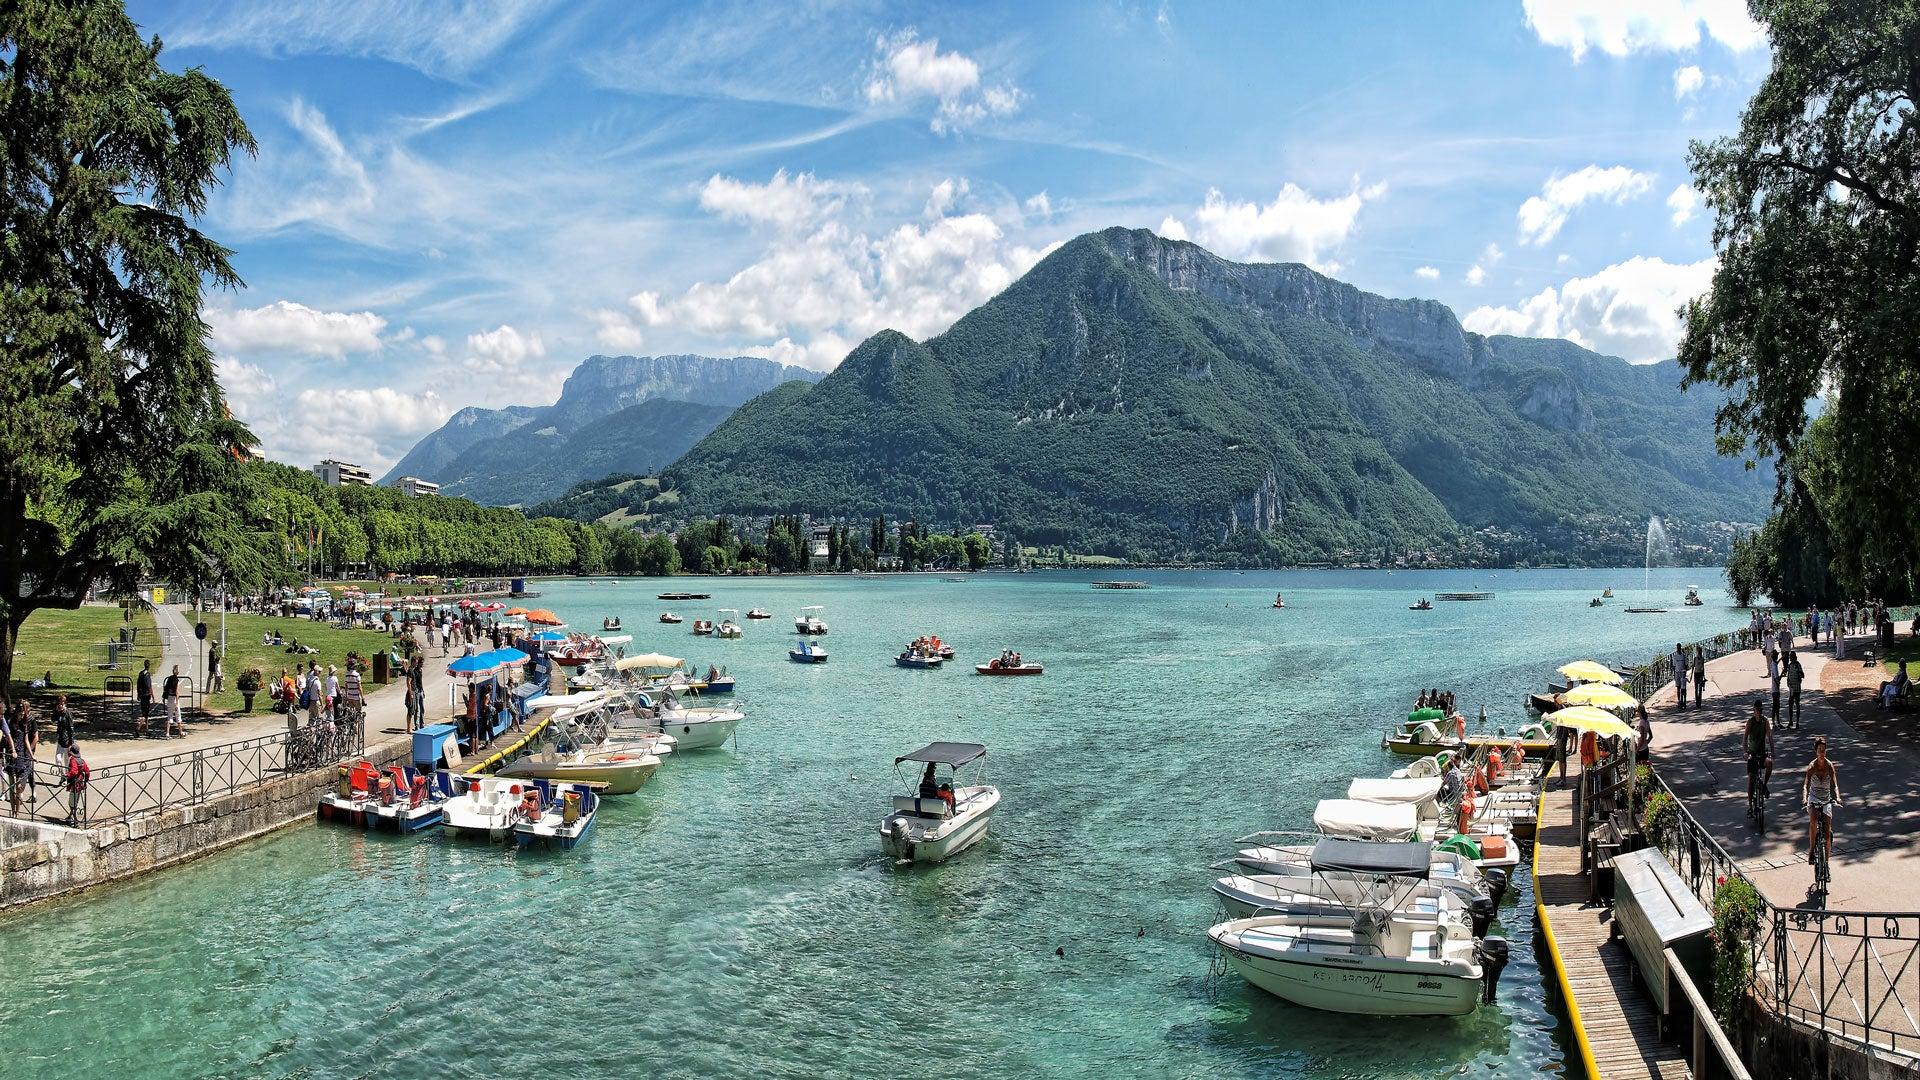 Découvrez les plus beaux lacs des Alpes